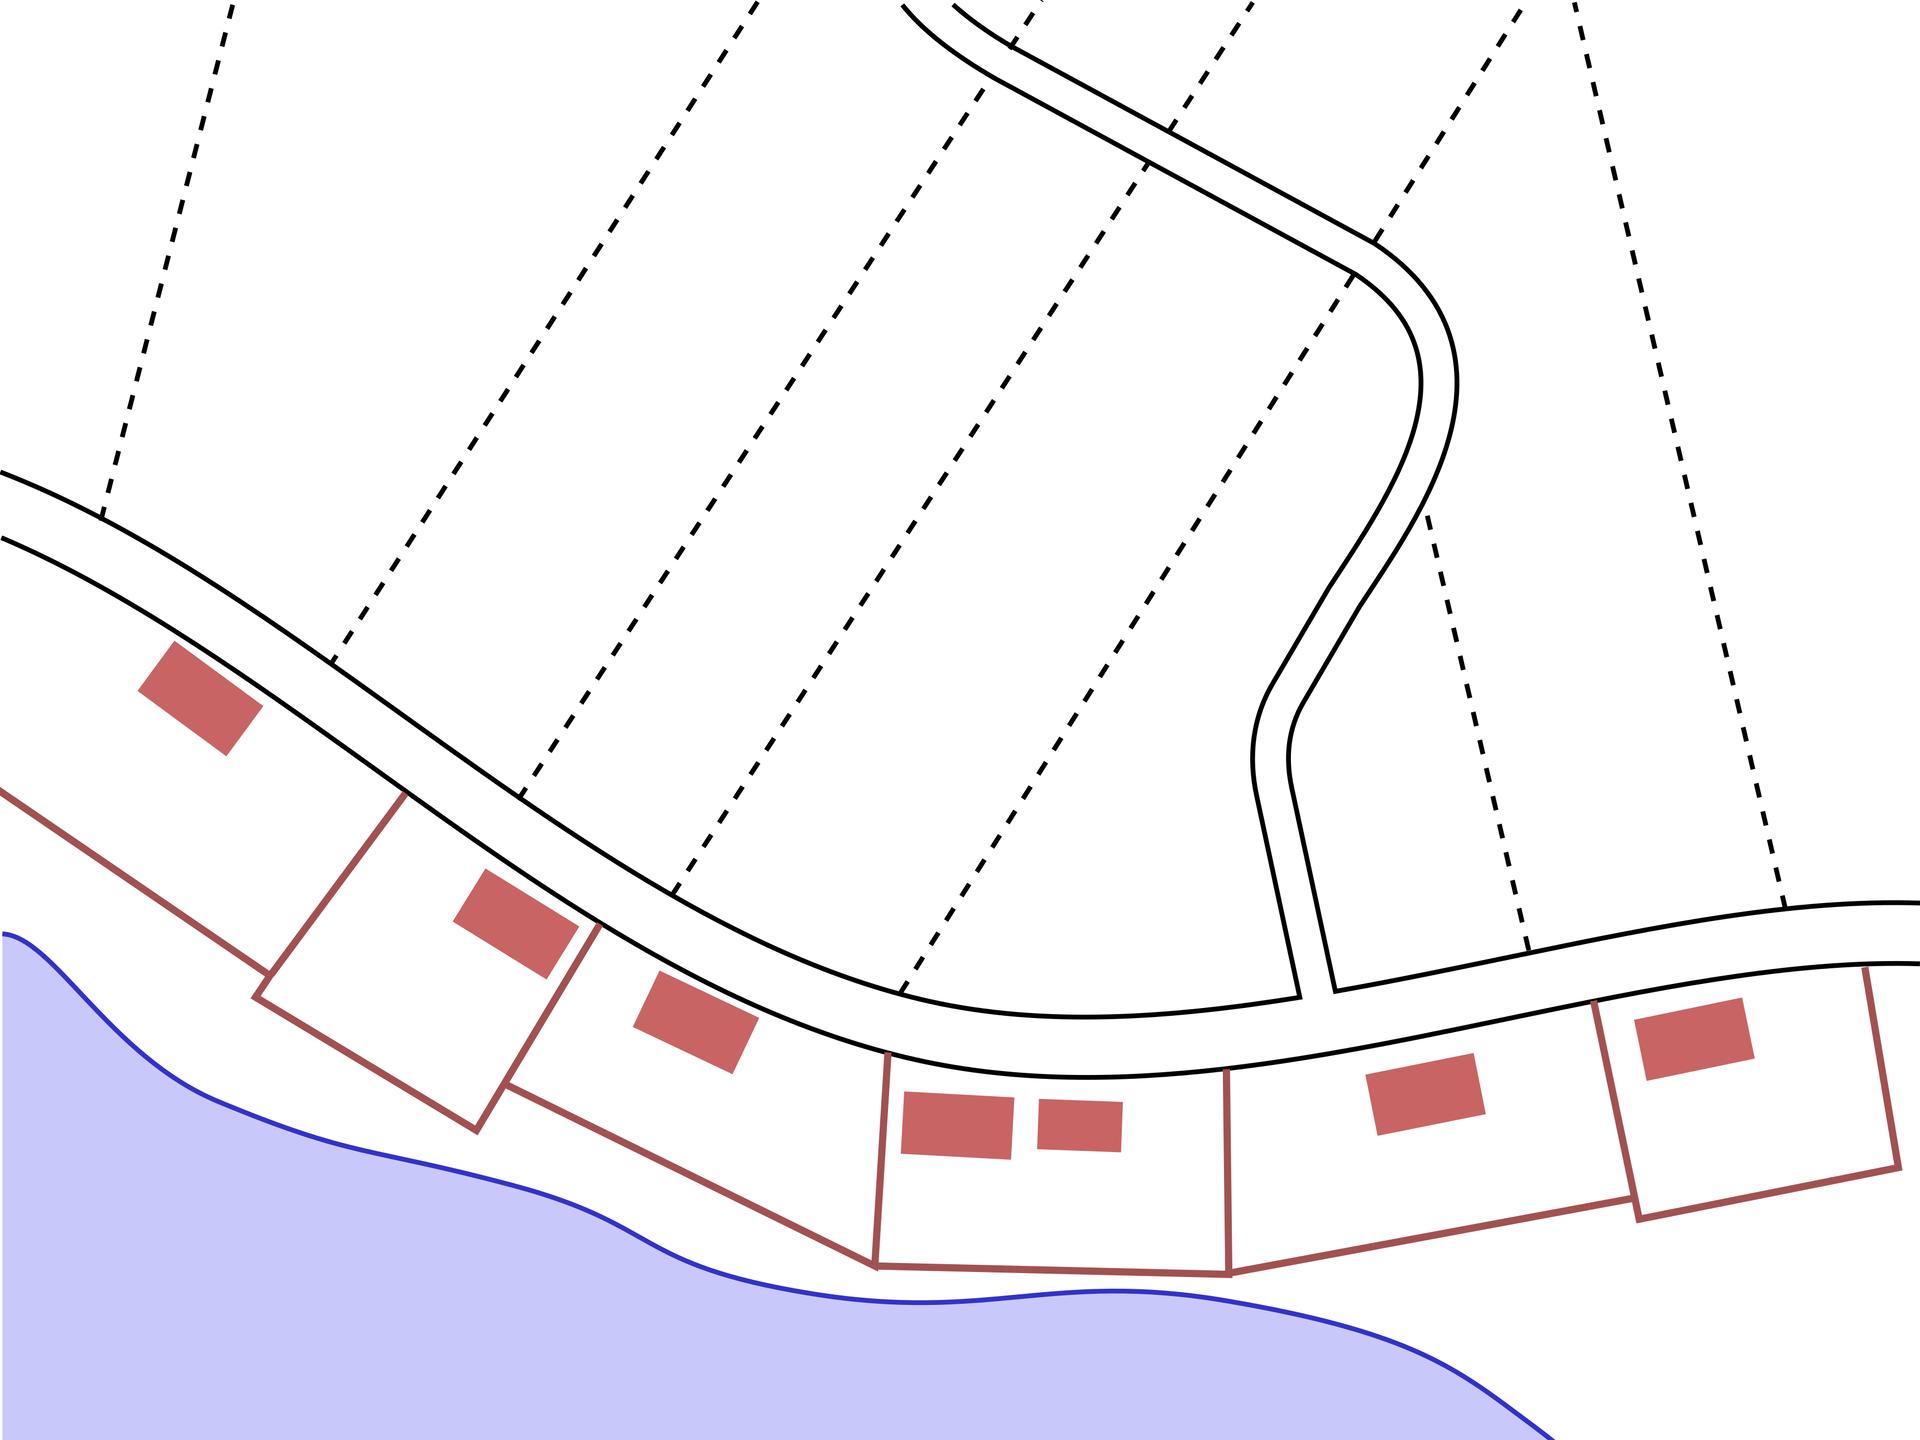 Na ilustracji schemat wsi ozabudowie luźno rozrzuconej wzdłuż jednej strony głównej drogi.